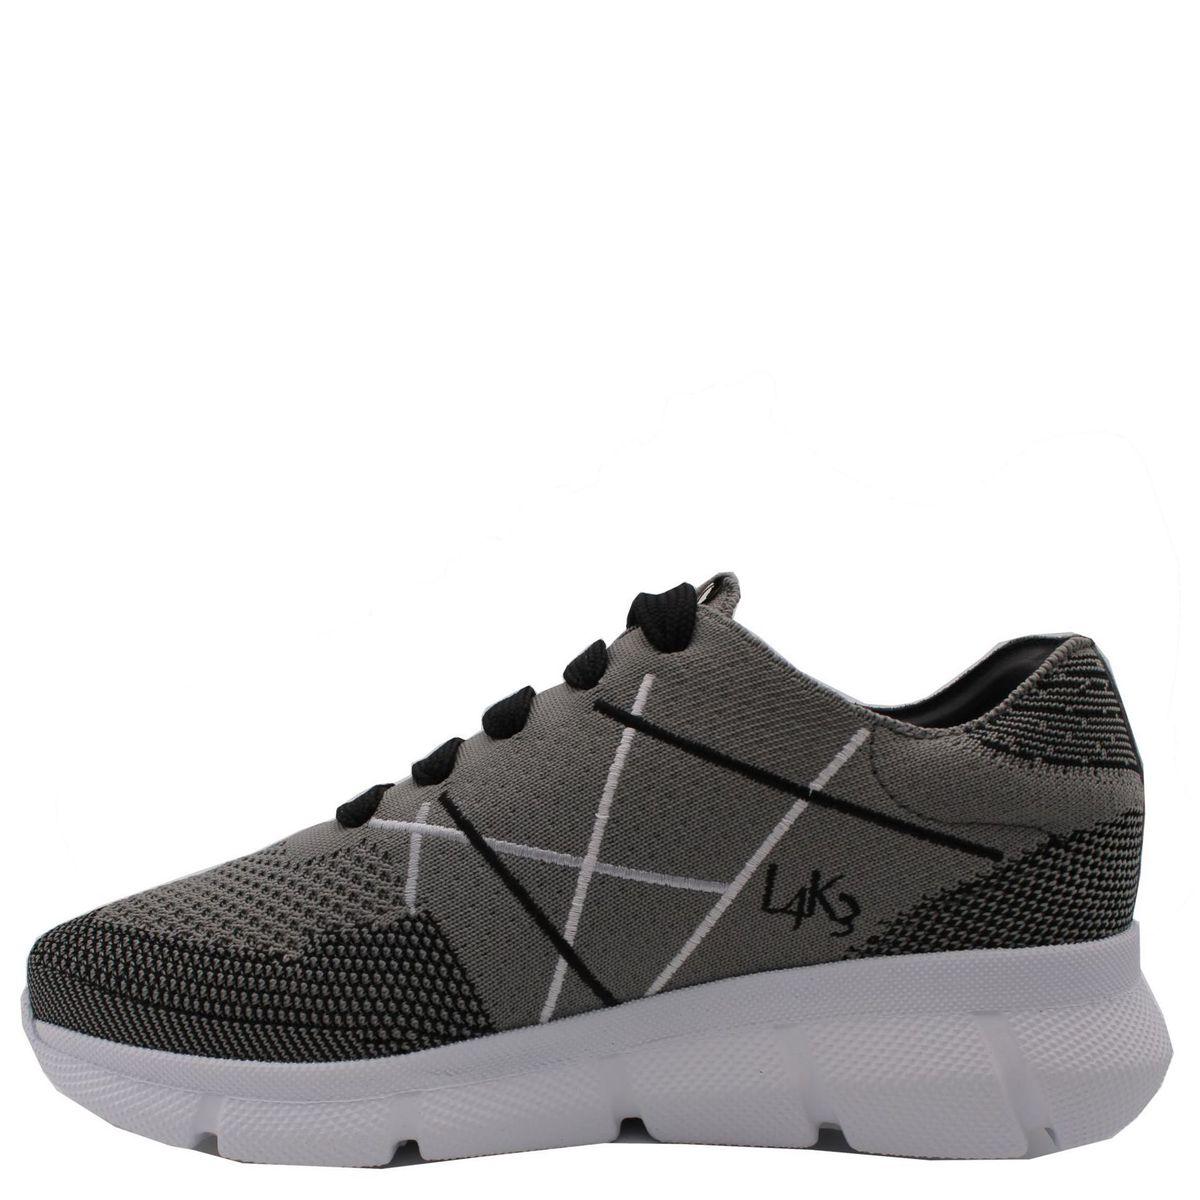 1. Sneakers allacciata con suola in eva ultralight L4K3 Grigio L4k3